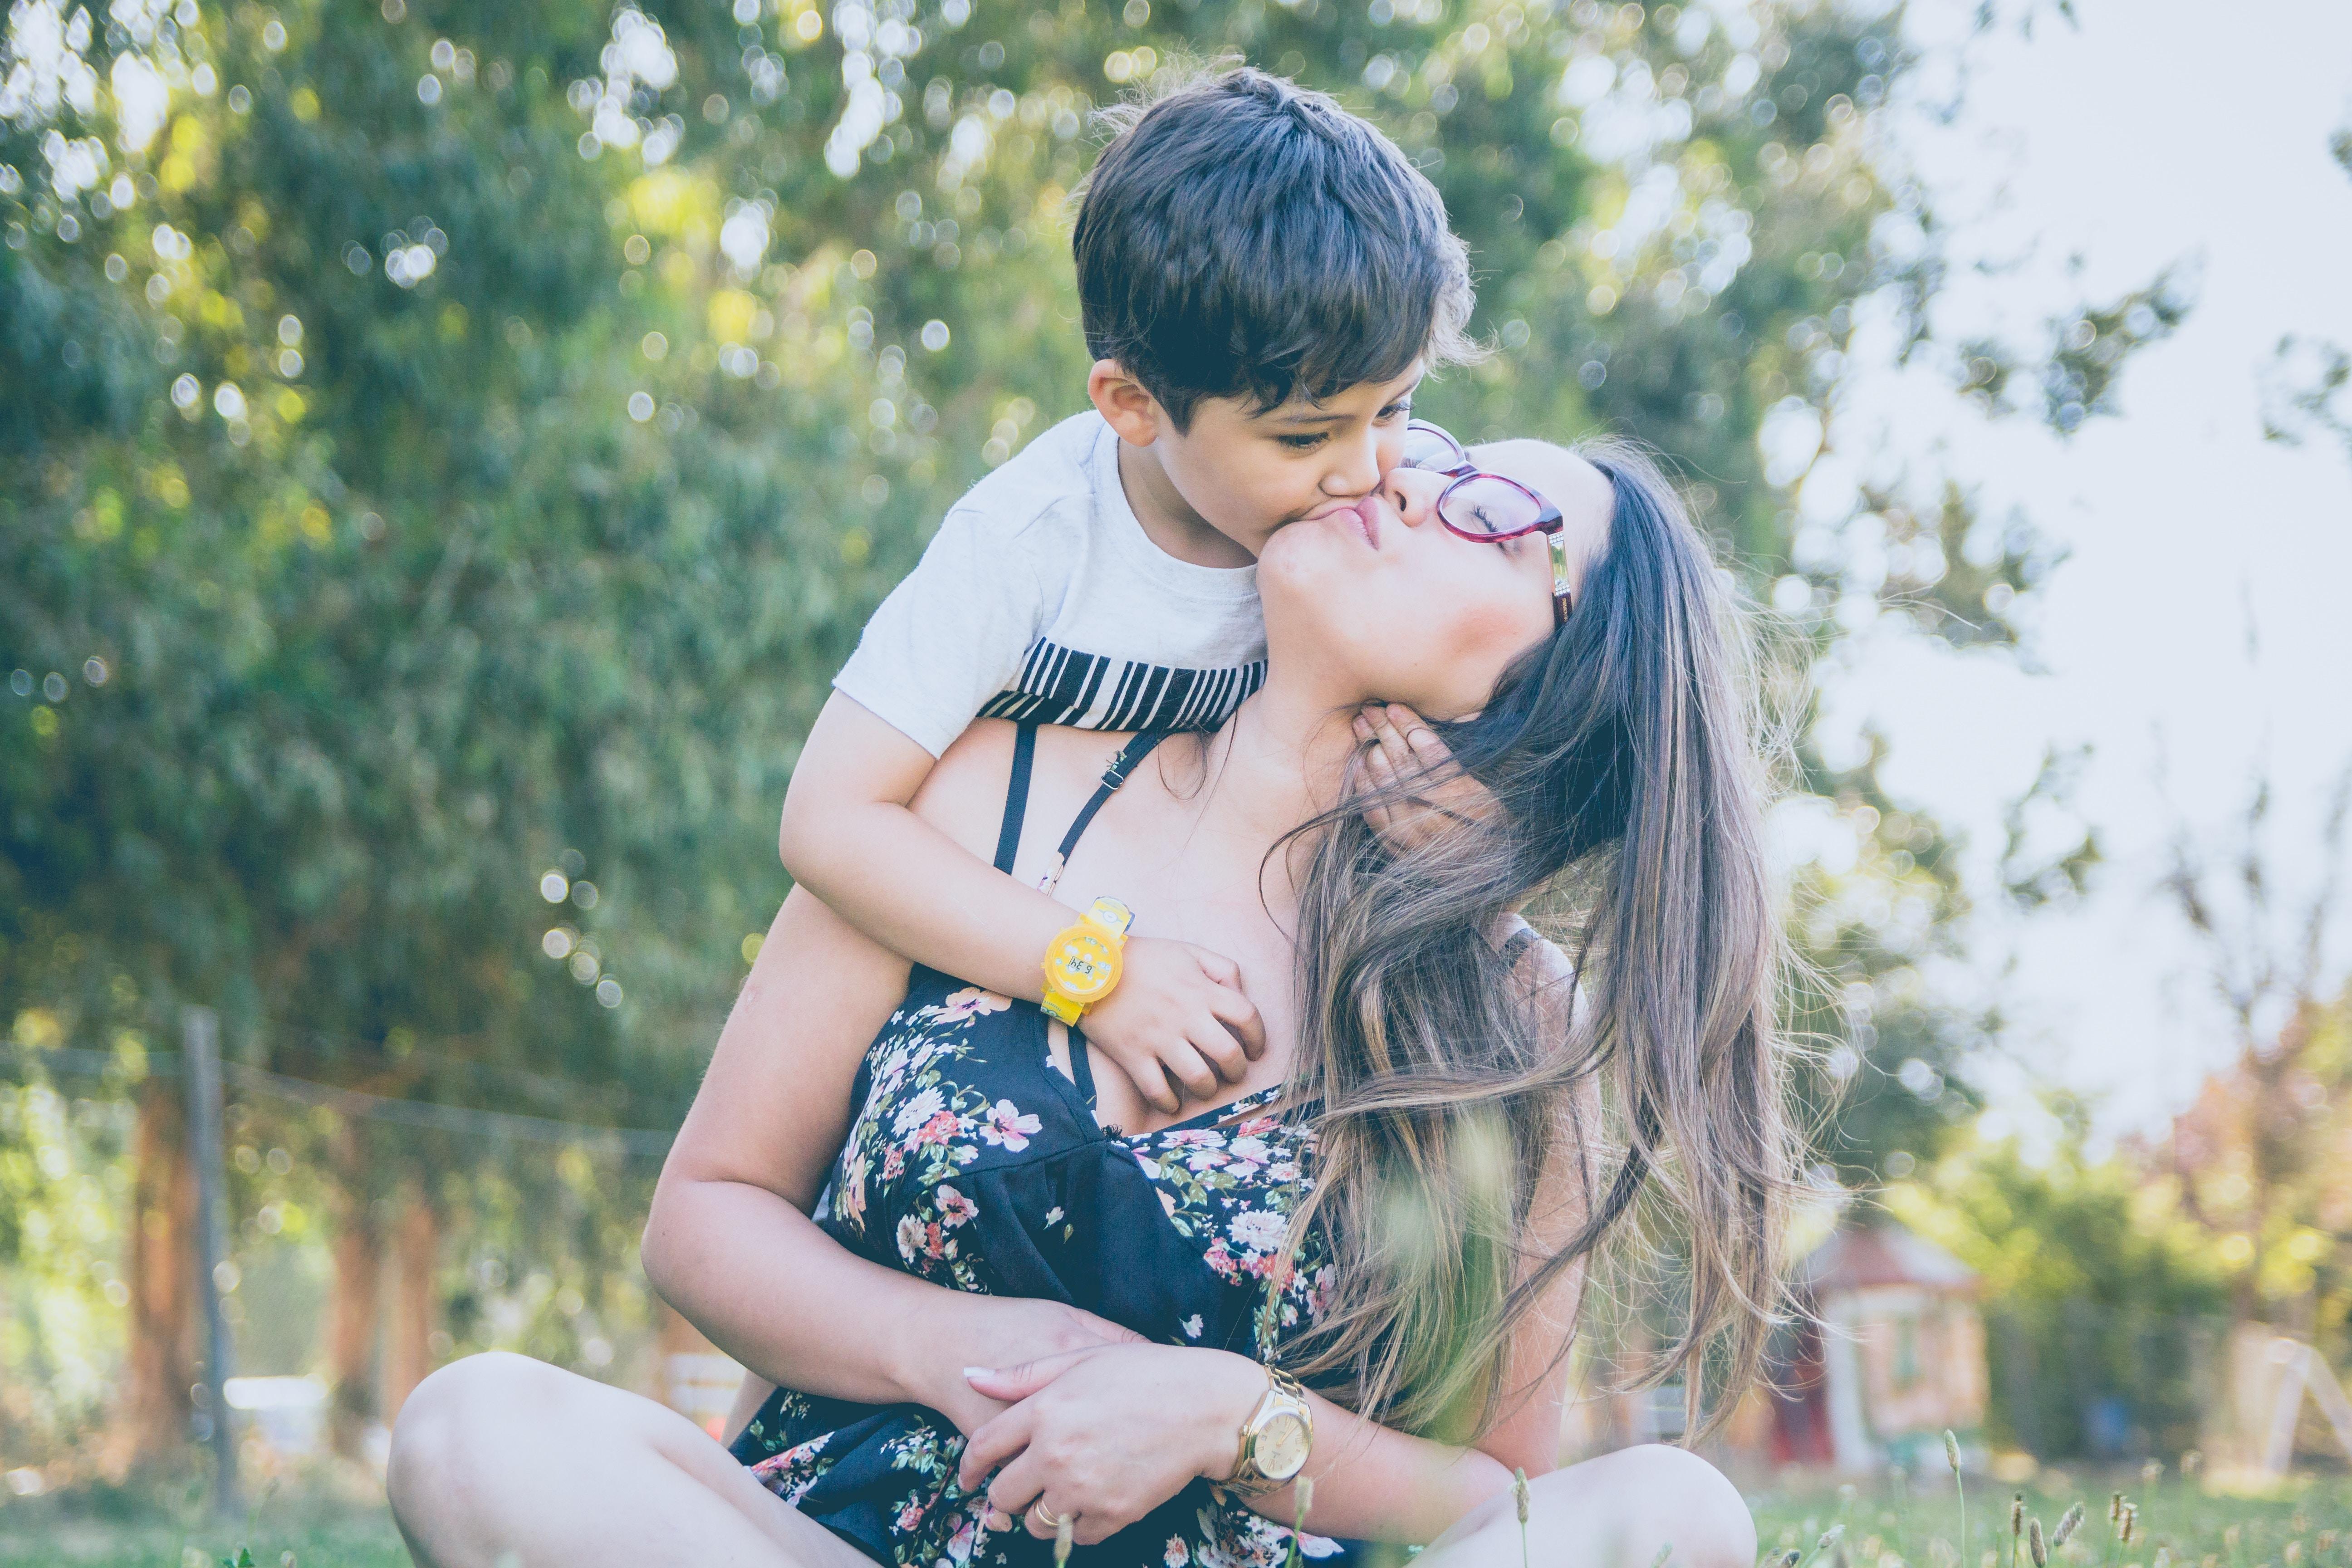 Positive Parenting Builds Social-Emotional Skills